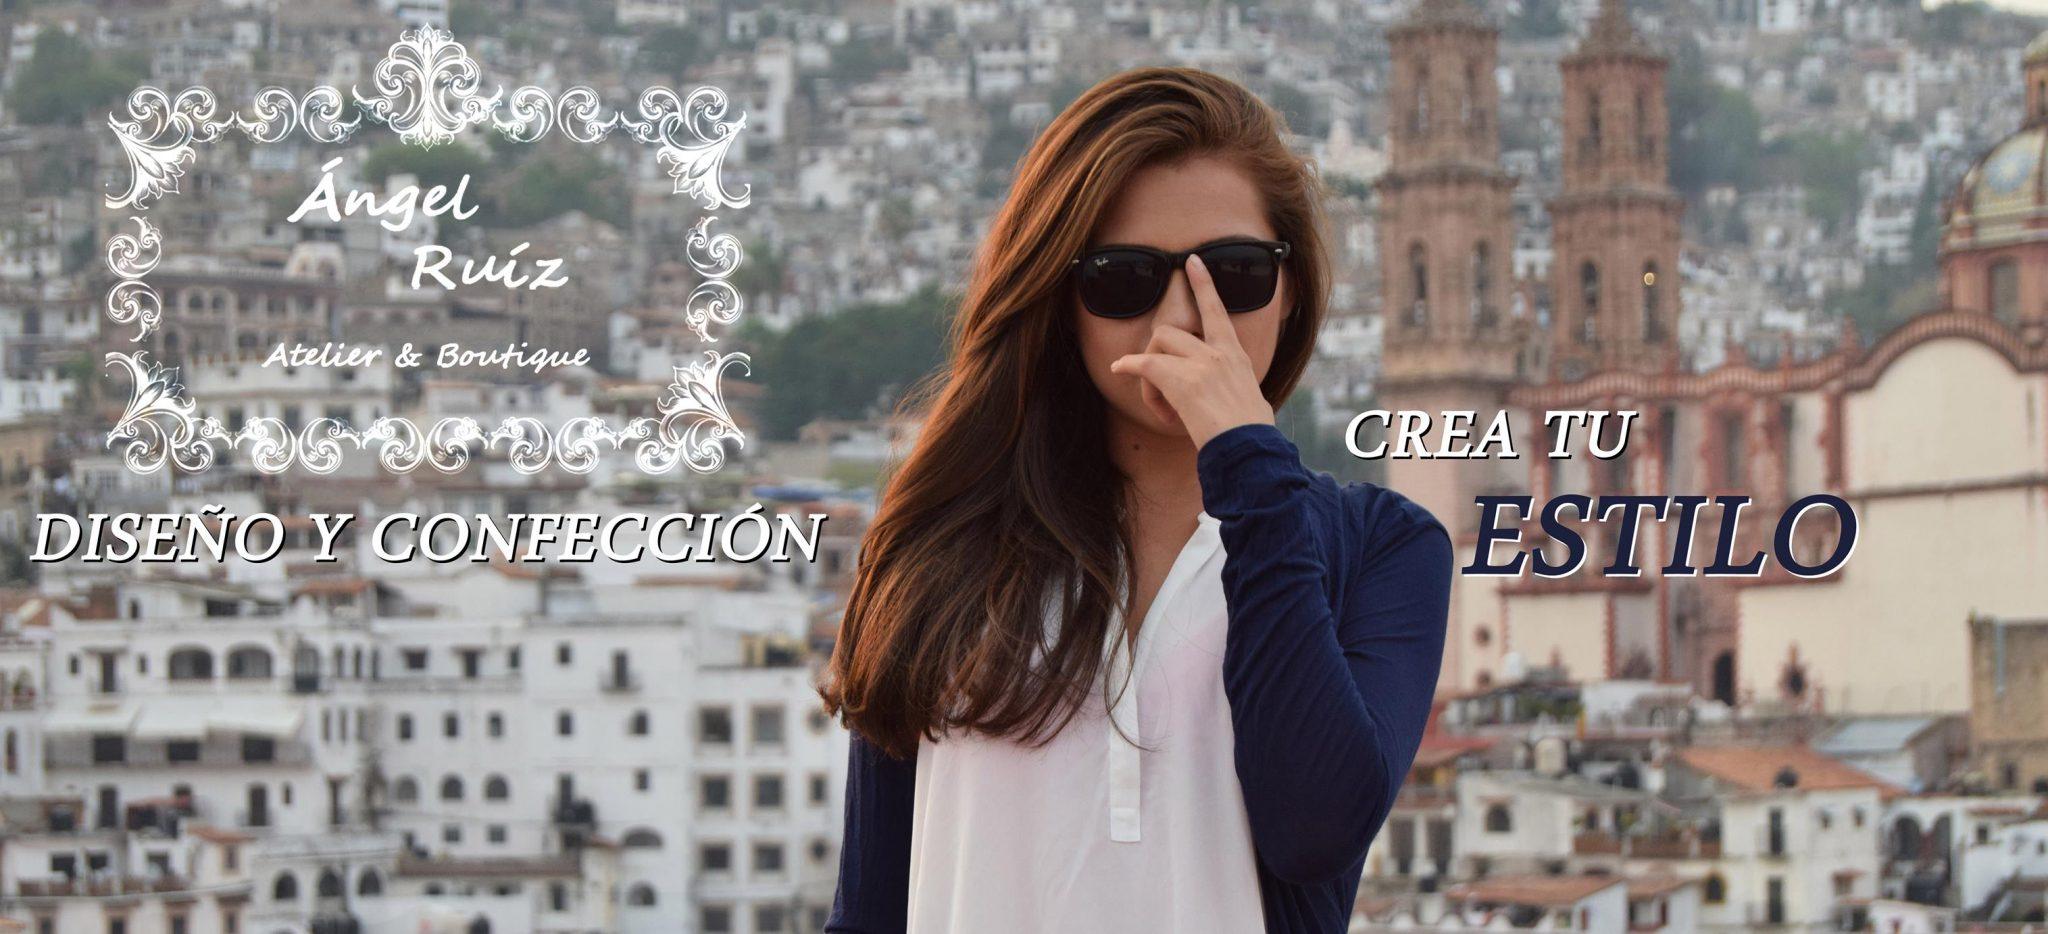 """Anuncio que se lee """"Ángel Ruiz Diseño y Confección, crea tu estilo"""""""